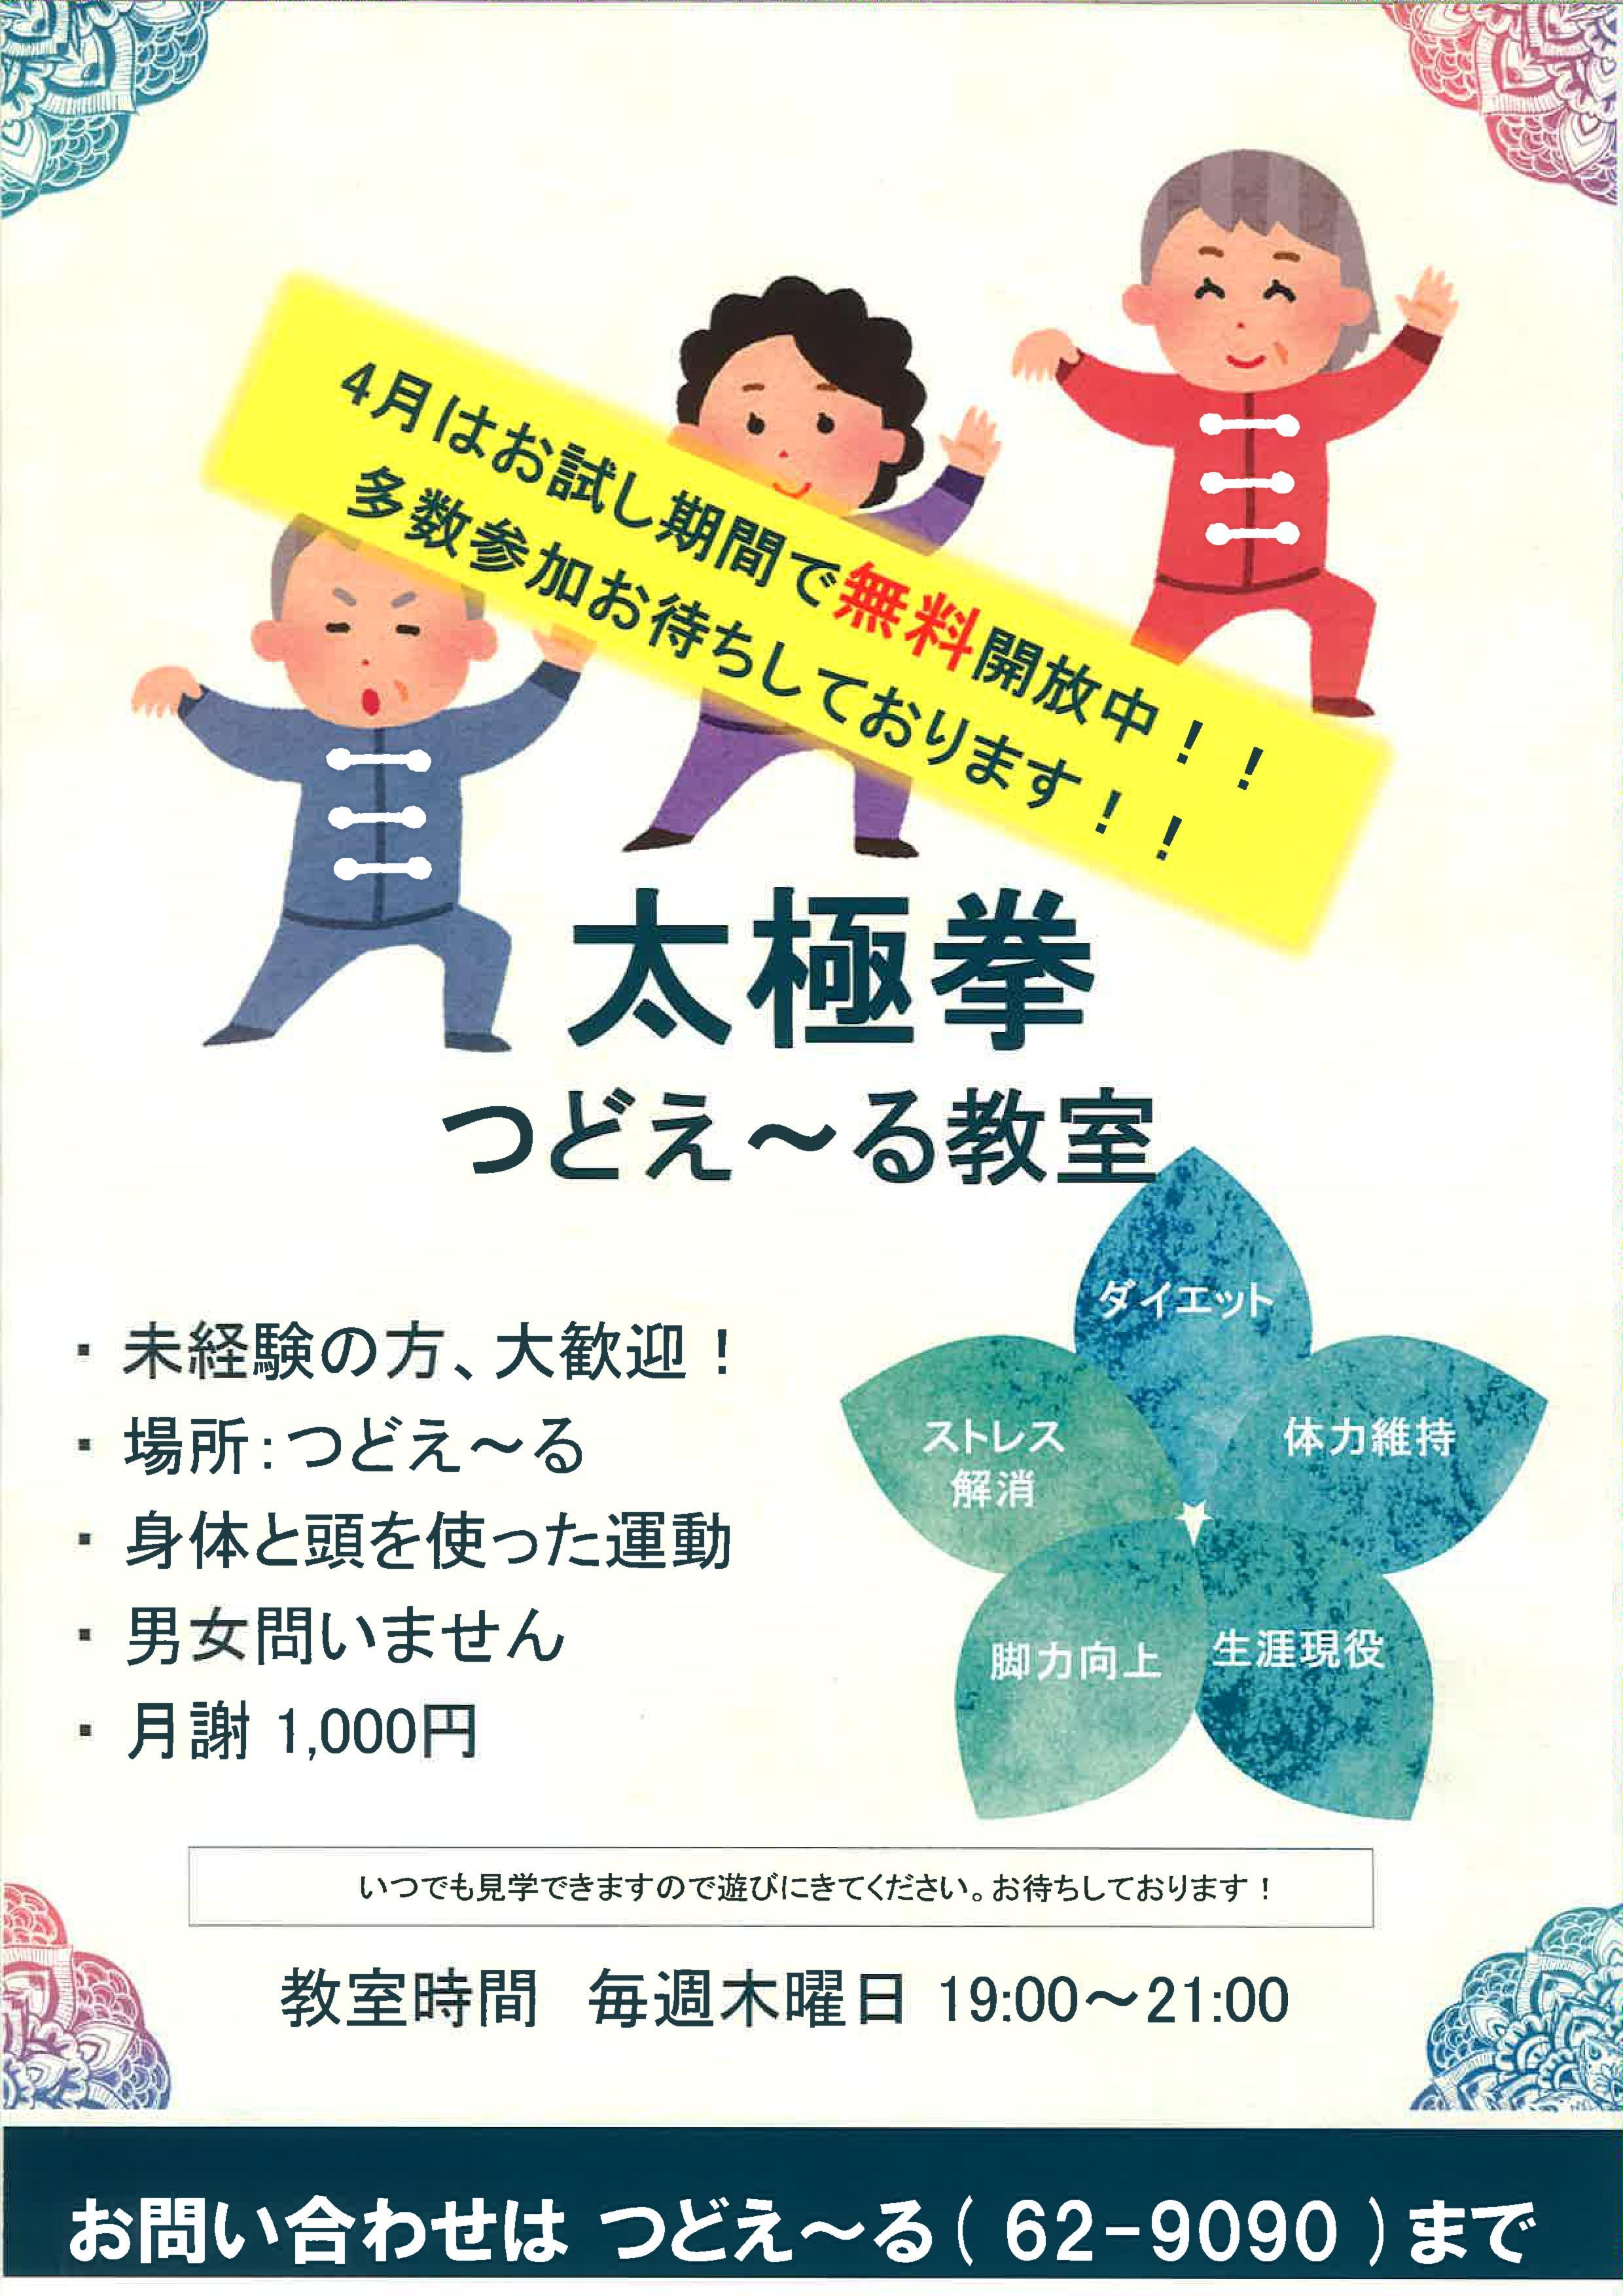 【 井原 】4月開催のイベントのお知らせ